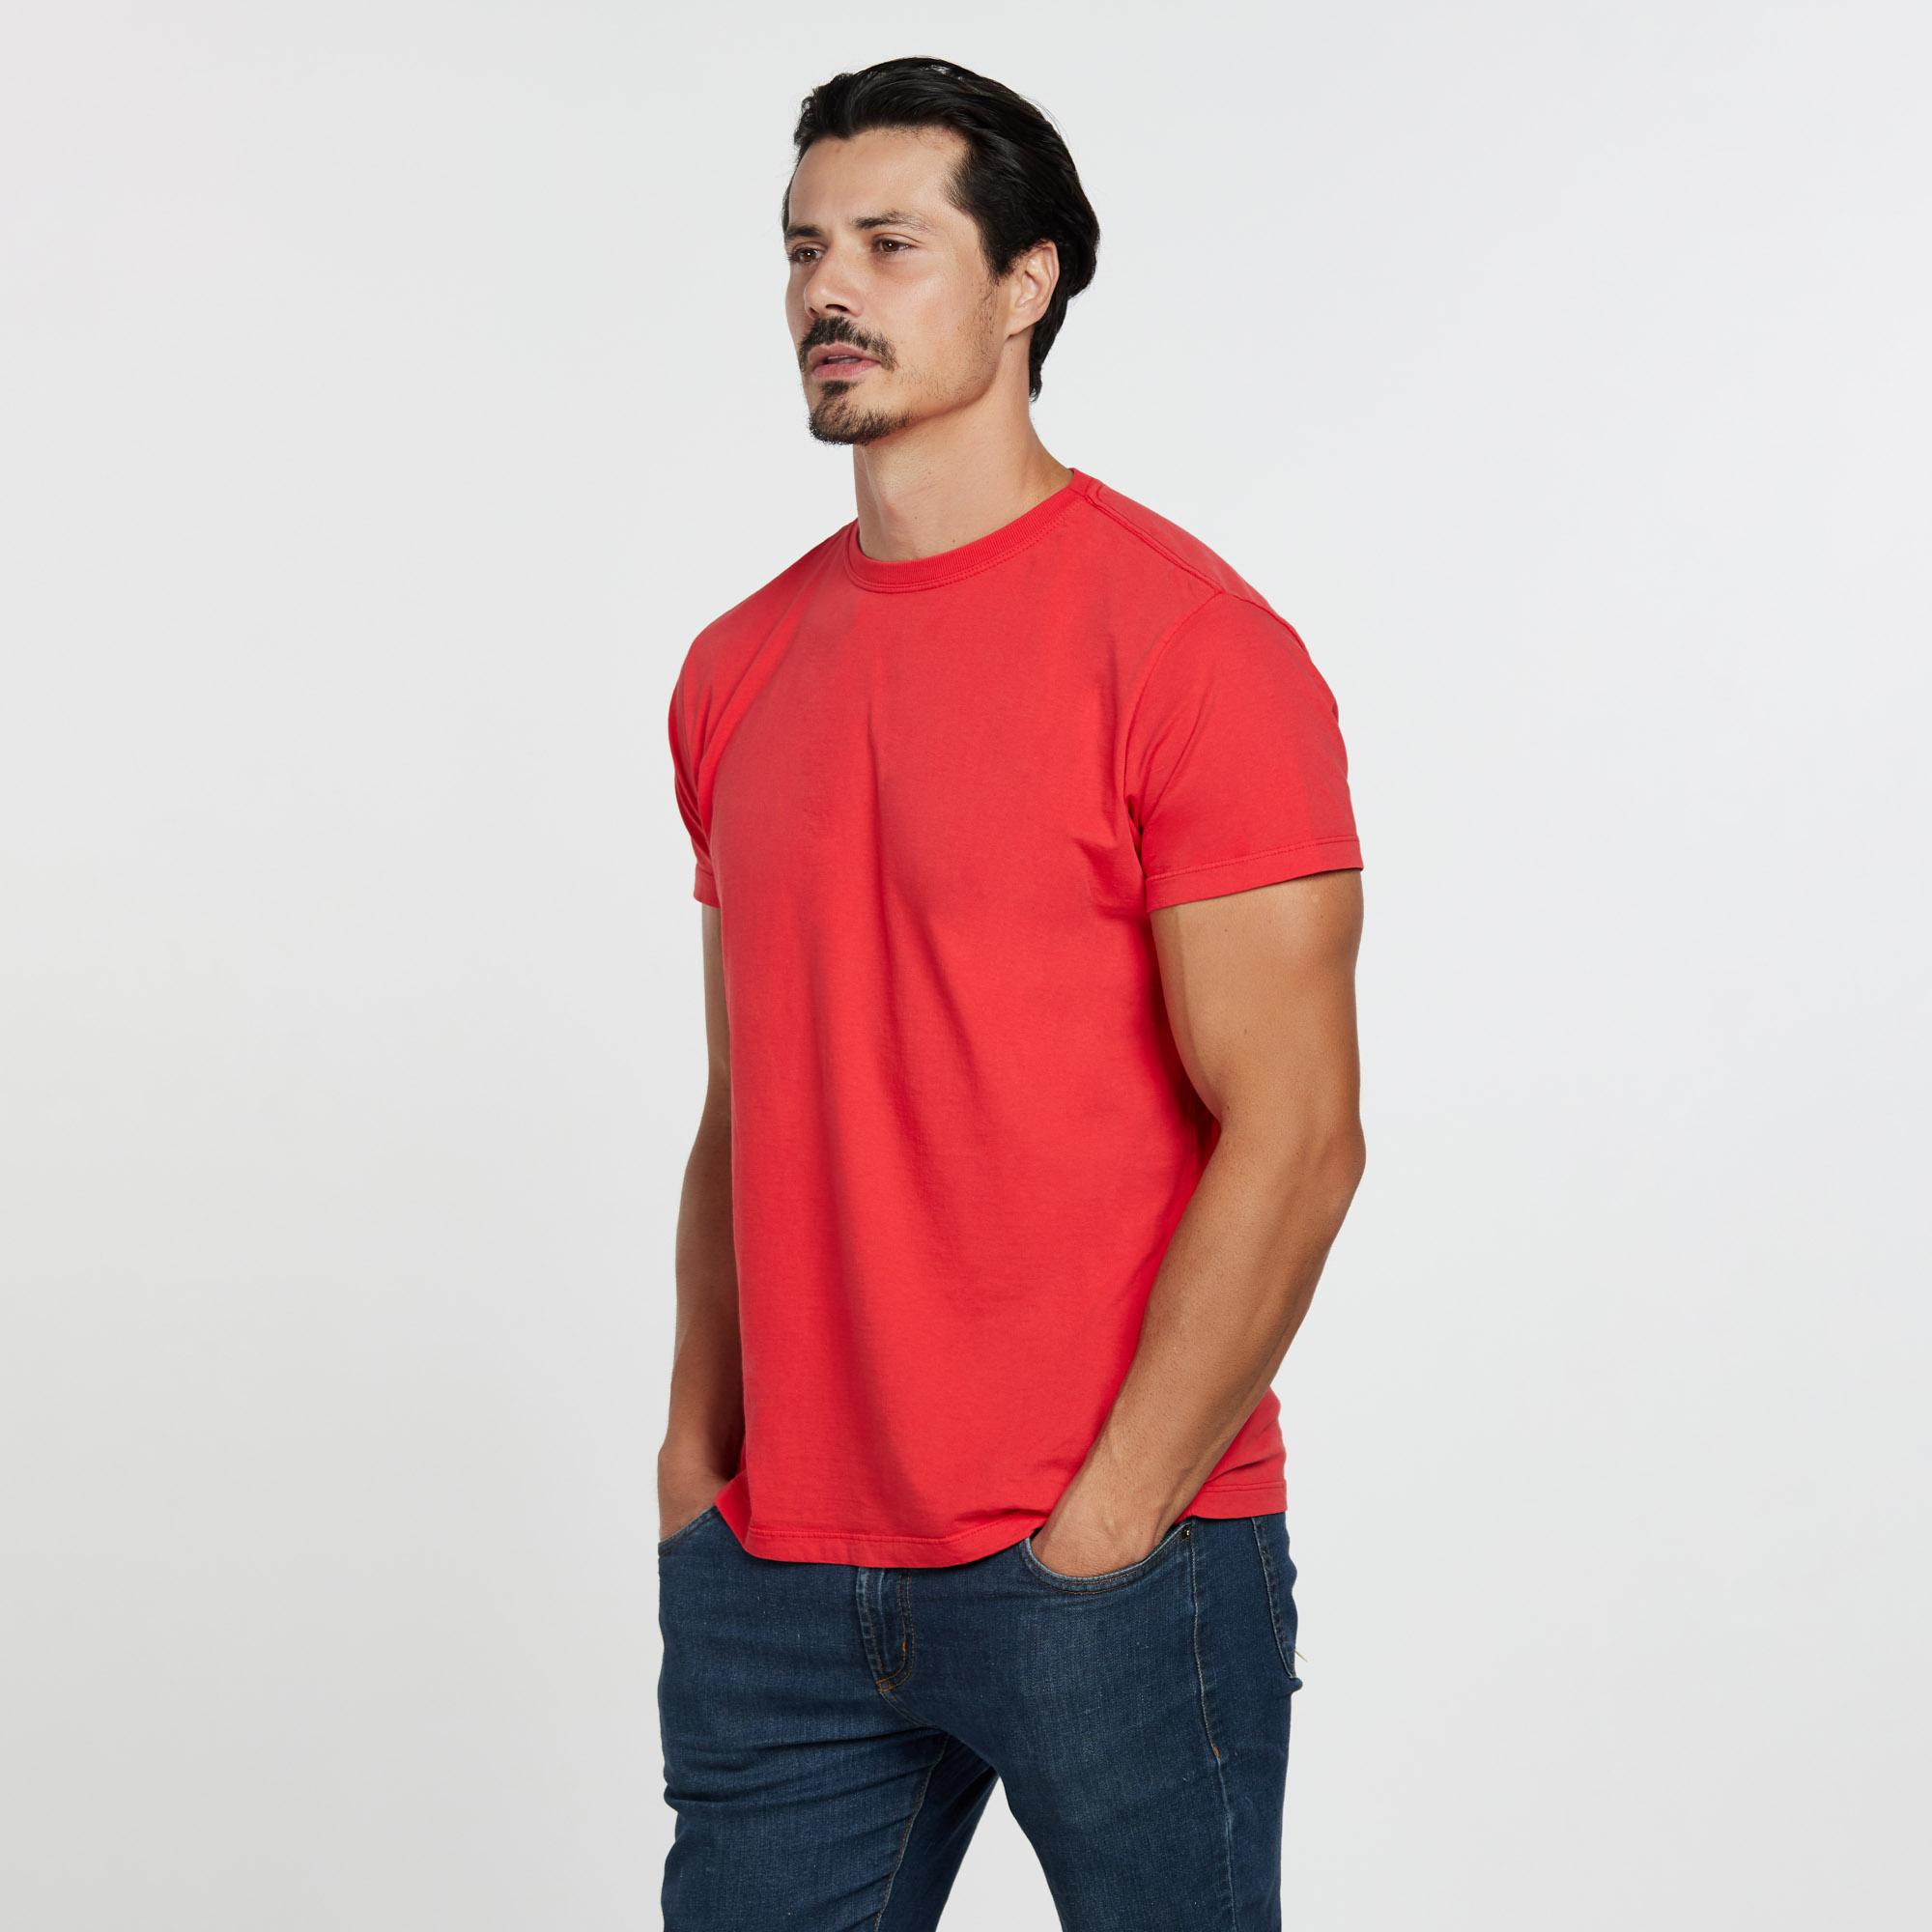 Camiseta Masculina Reativo Vermelho